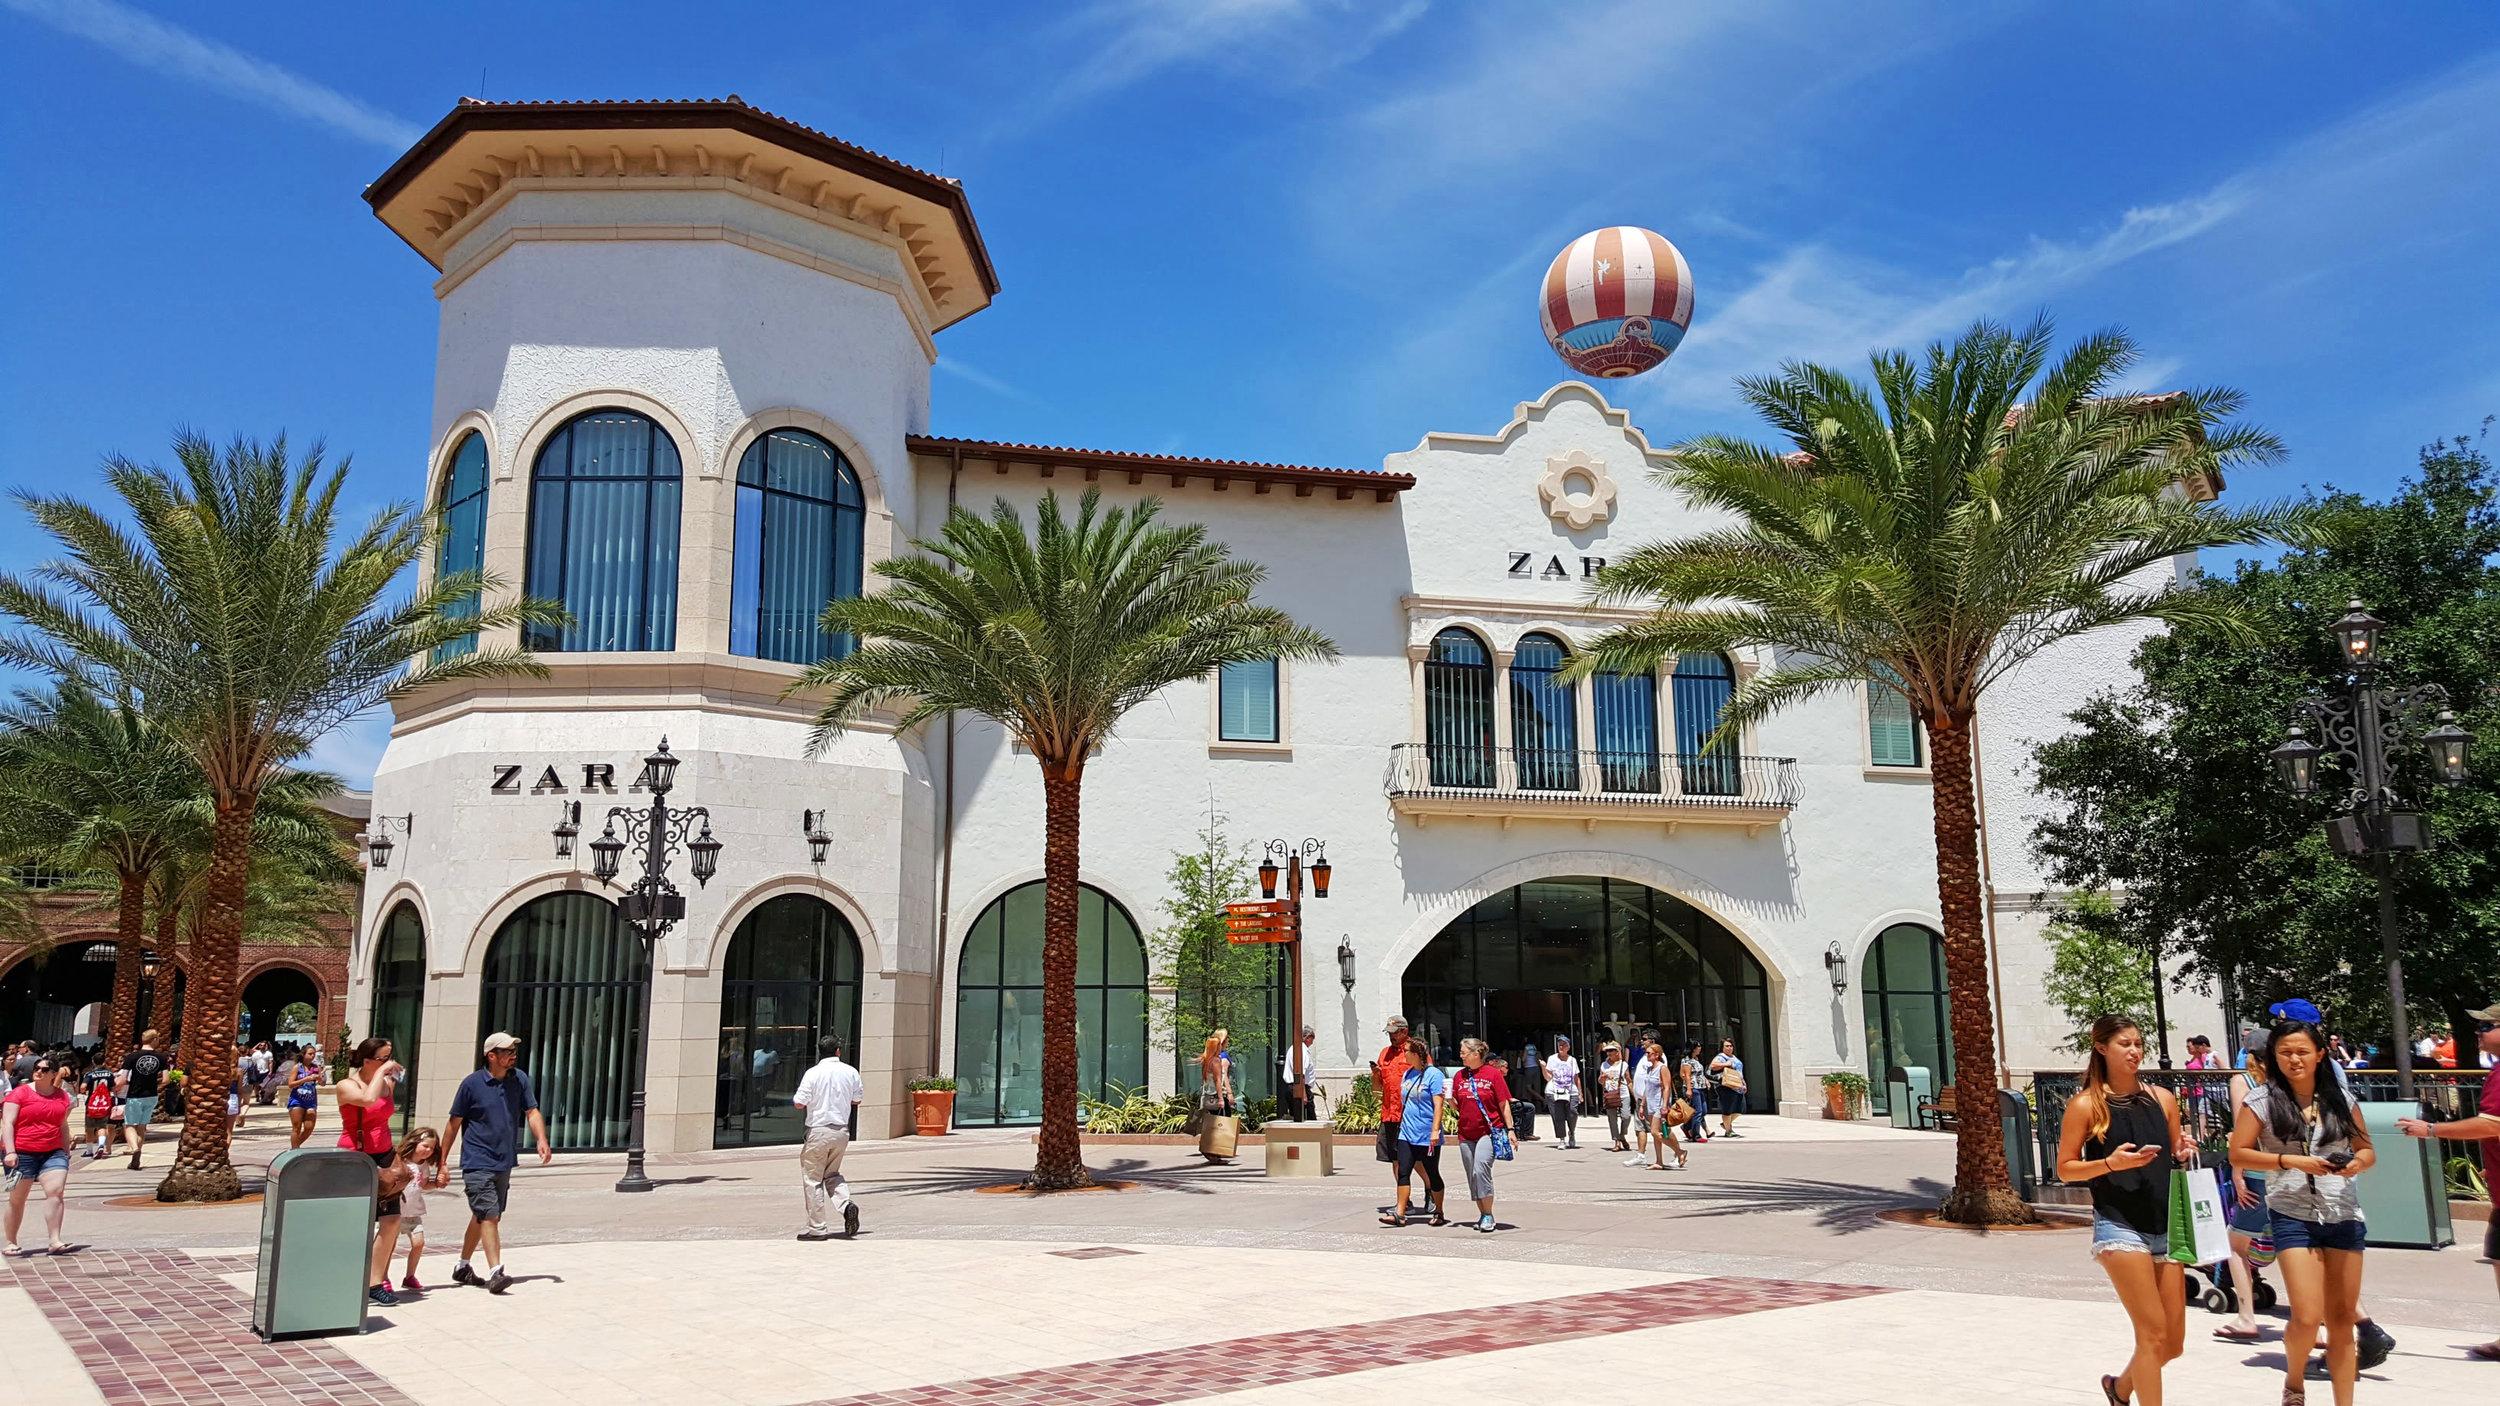 Disney-Springs-Zara.jpg